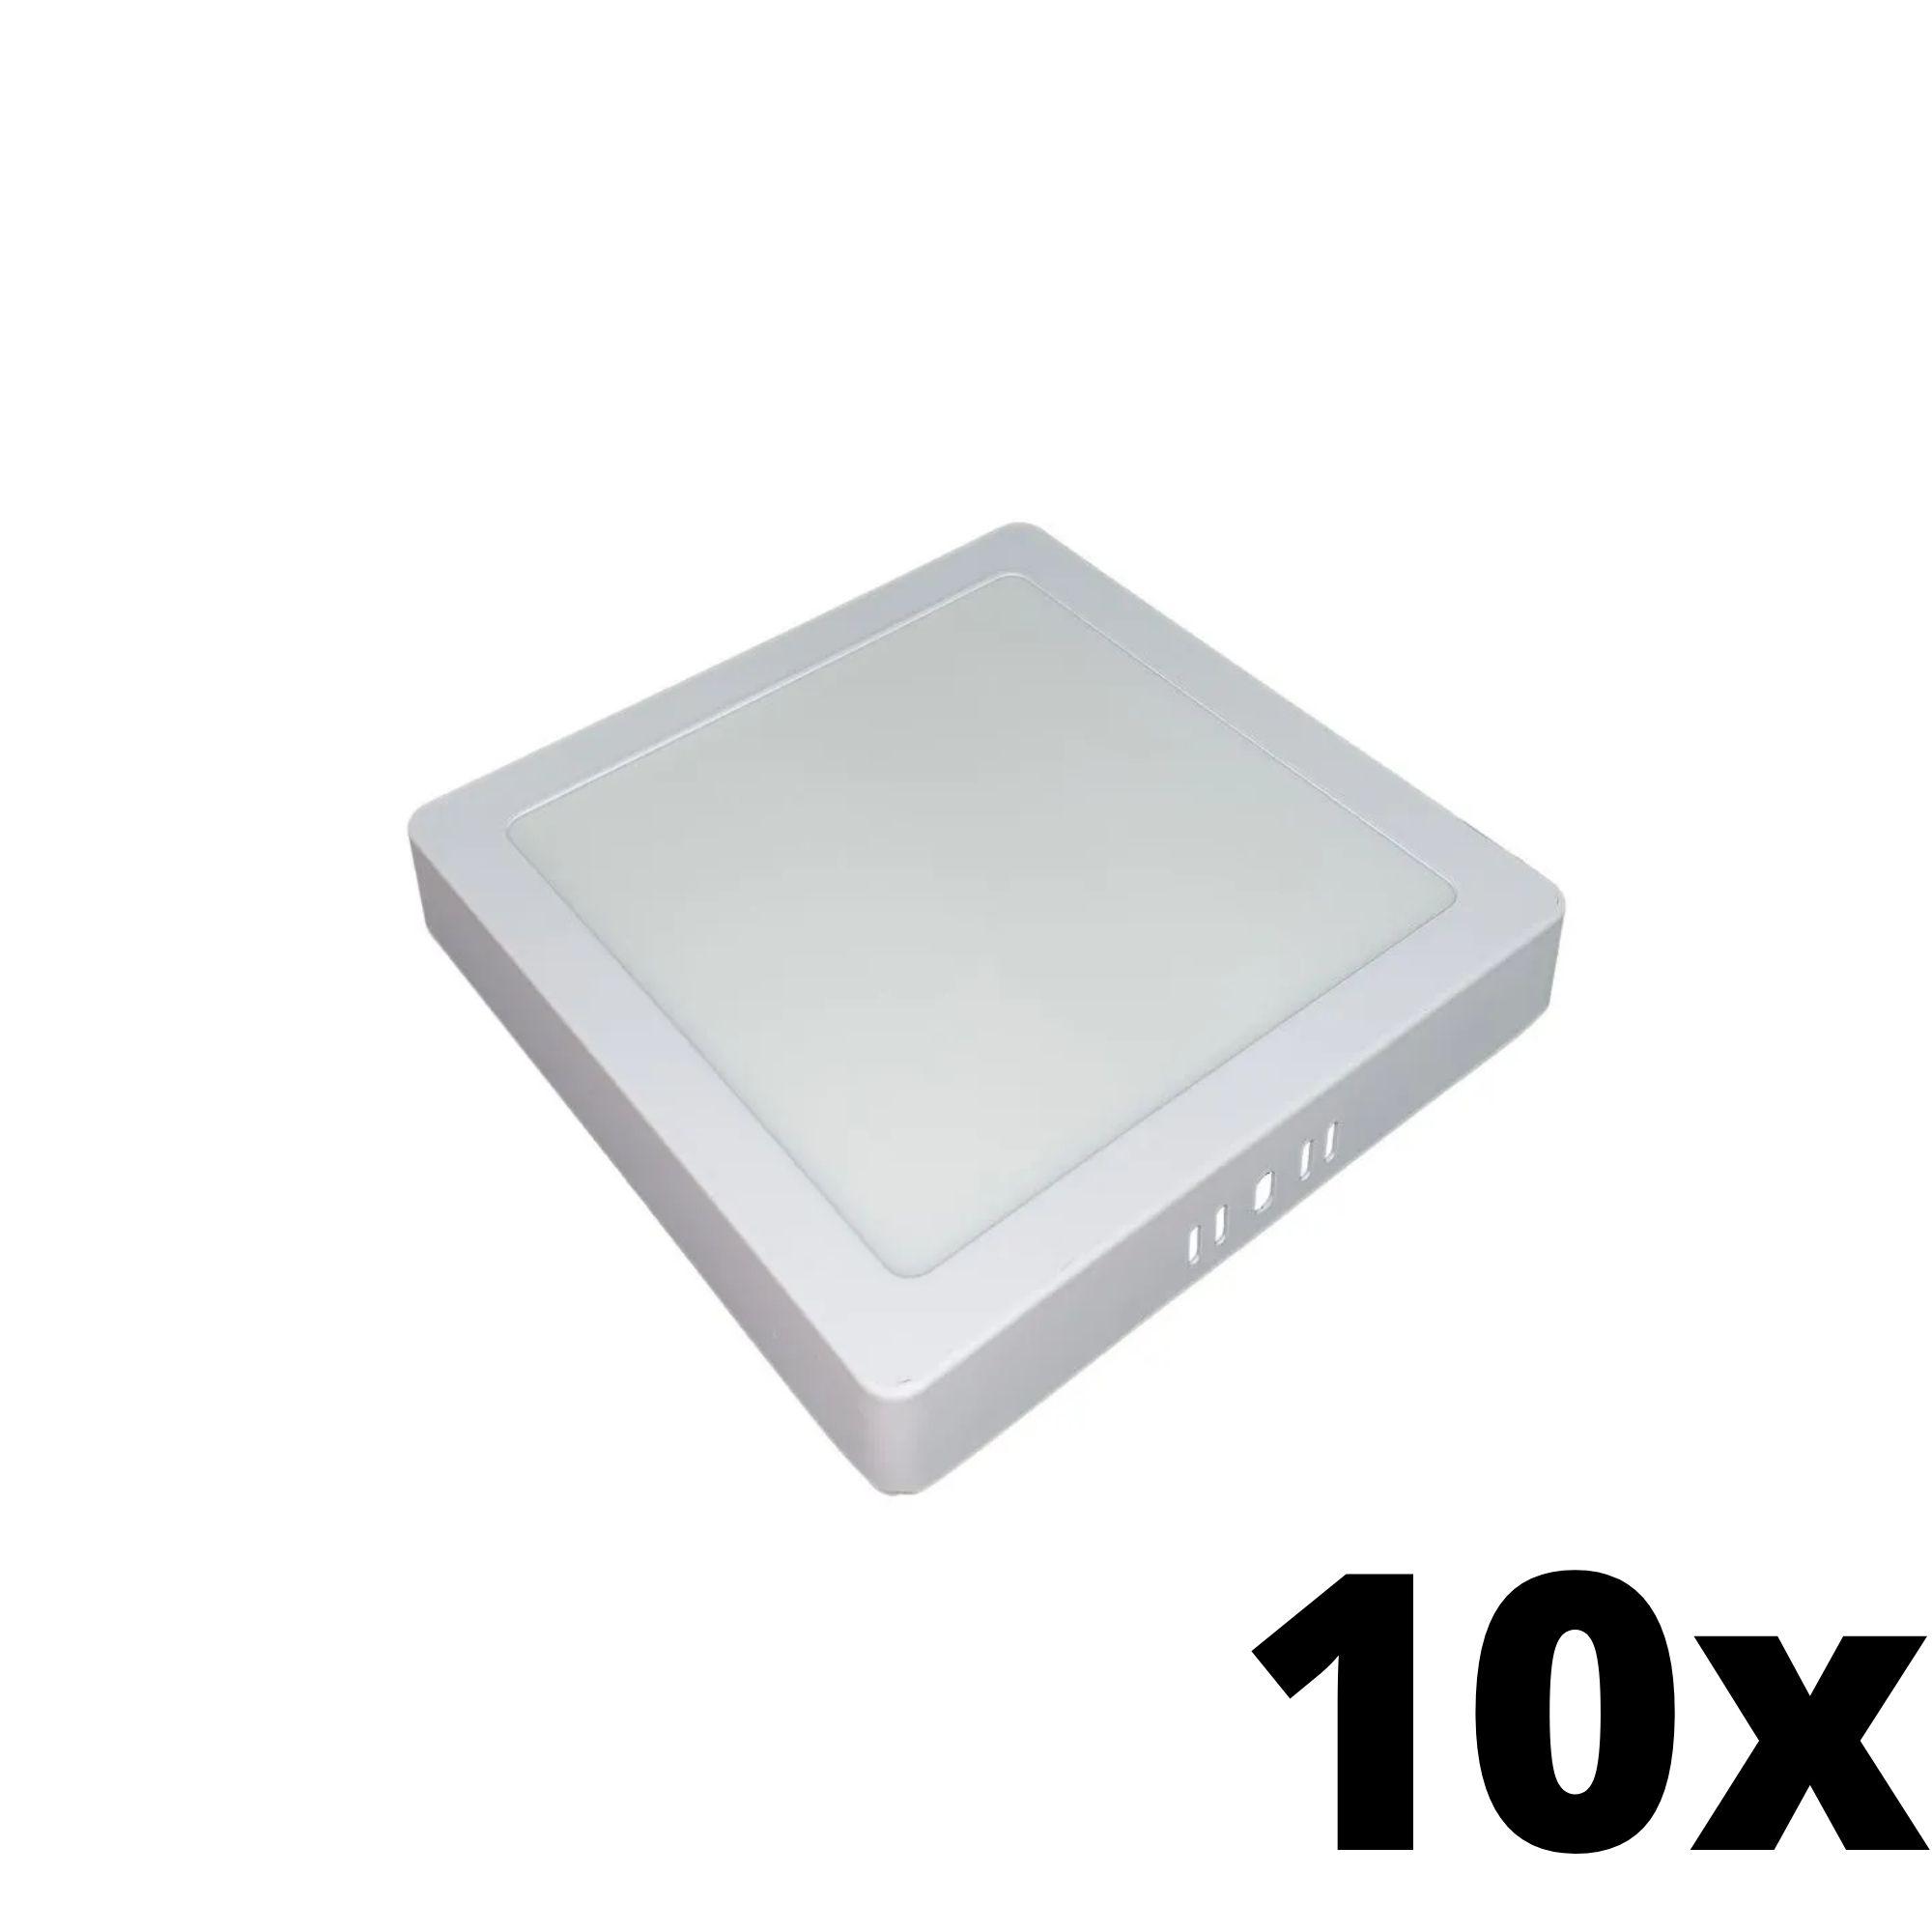 Kit 10 und Painel de Led Sobrepor 12w Quadrado 3000k